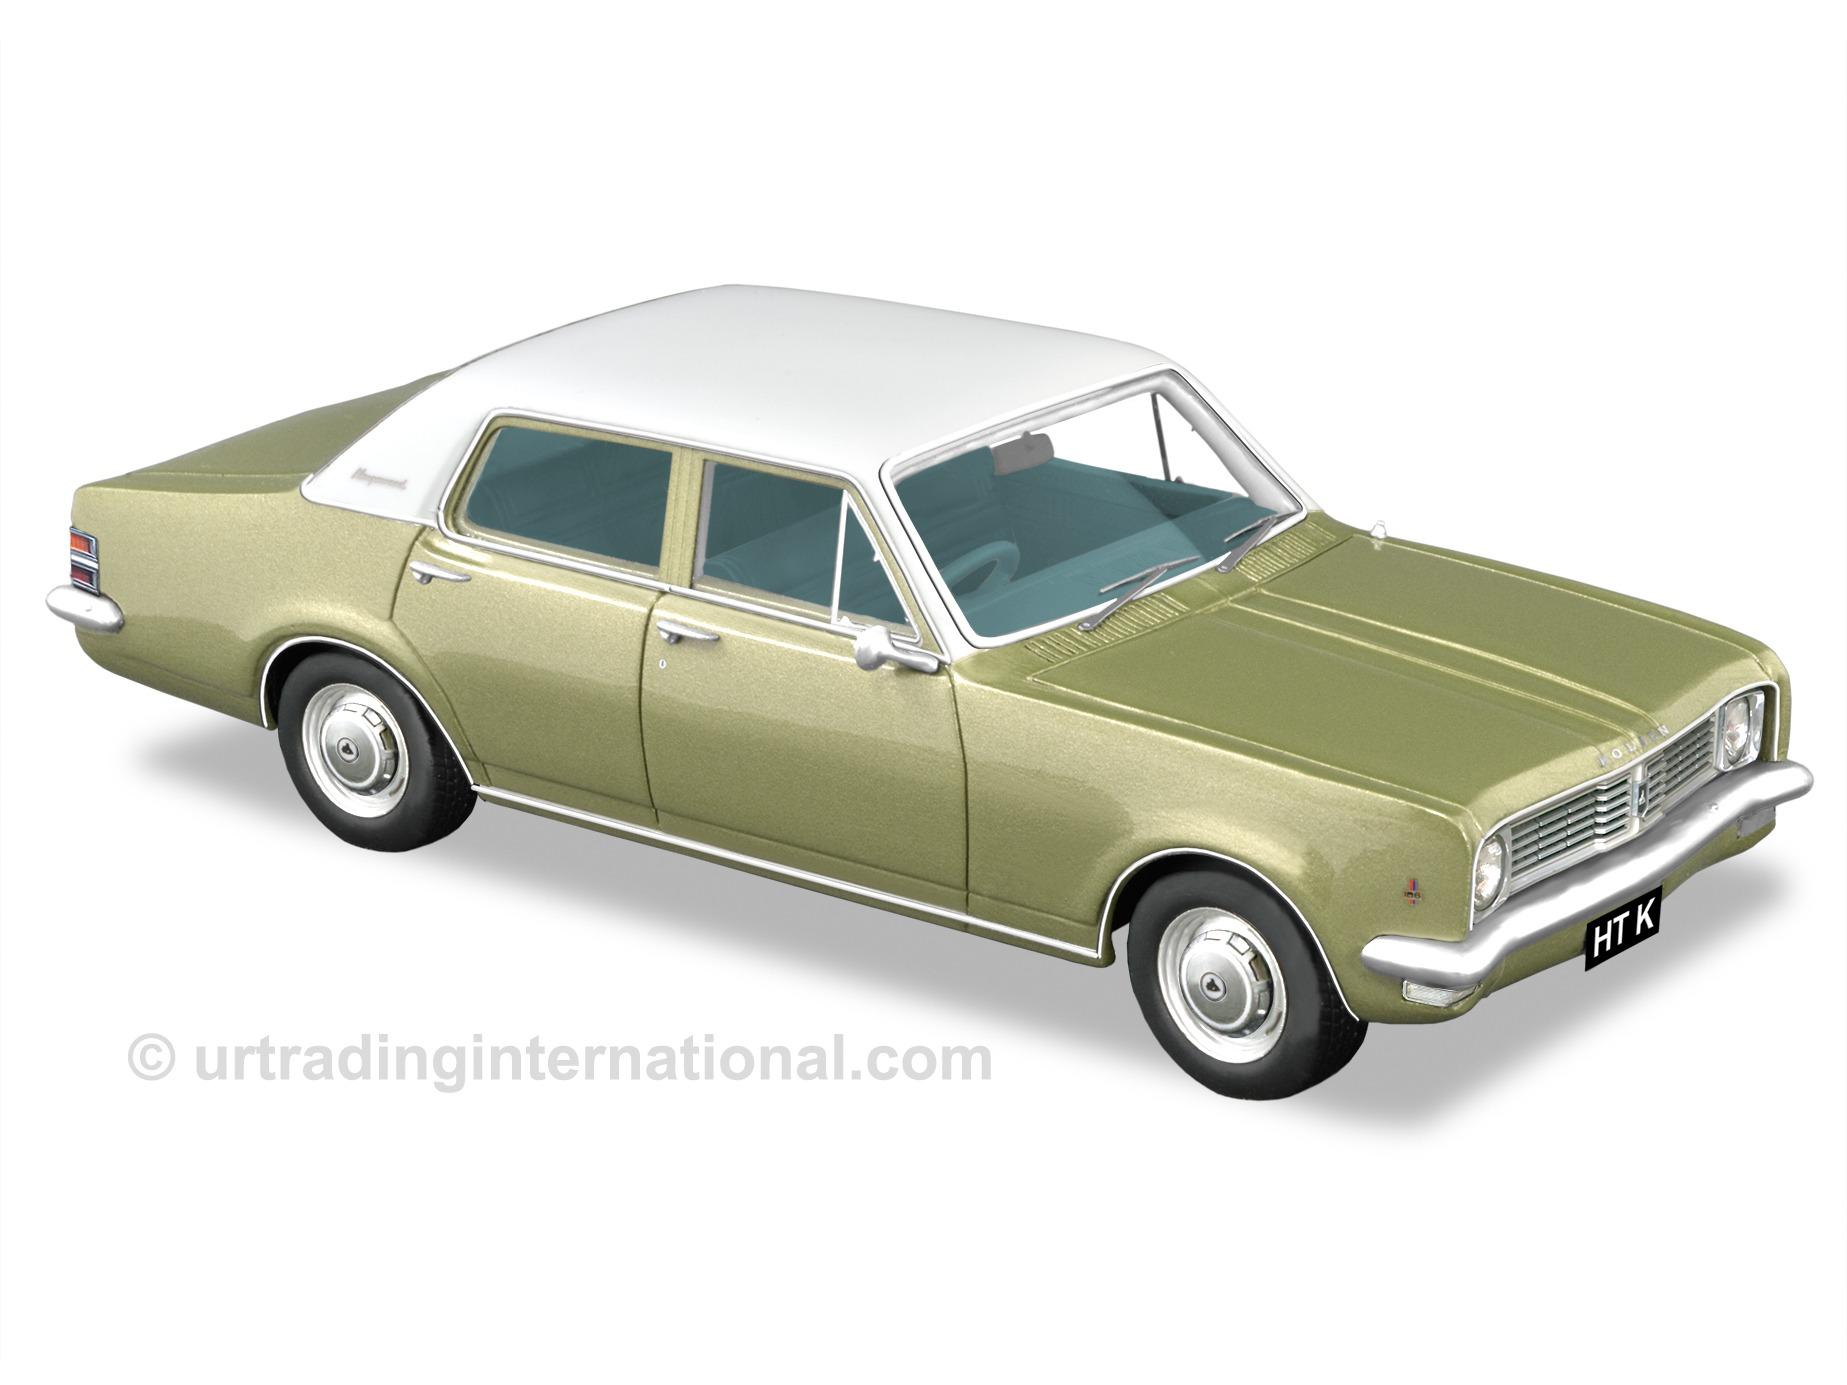 1970 HT Kingswood Sedan – Seamist Green